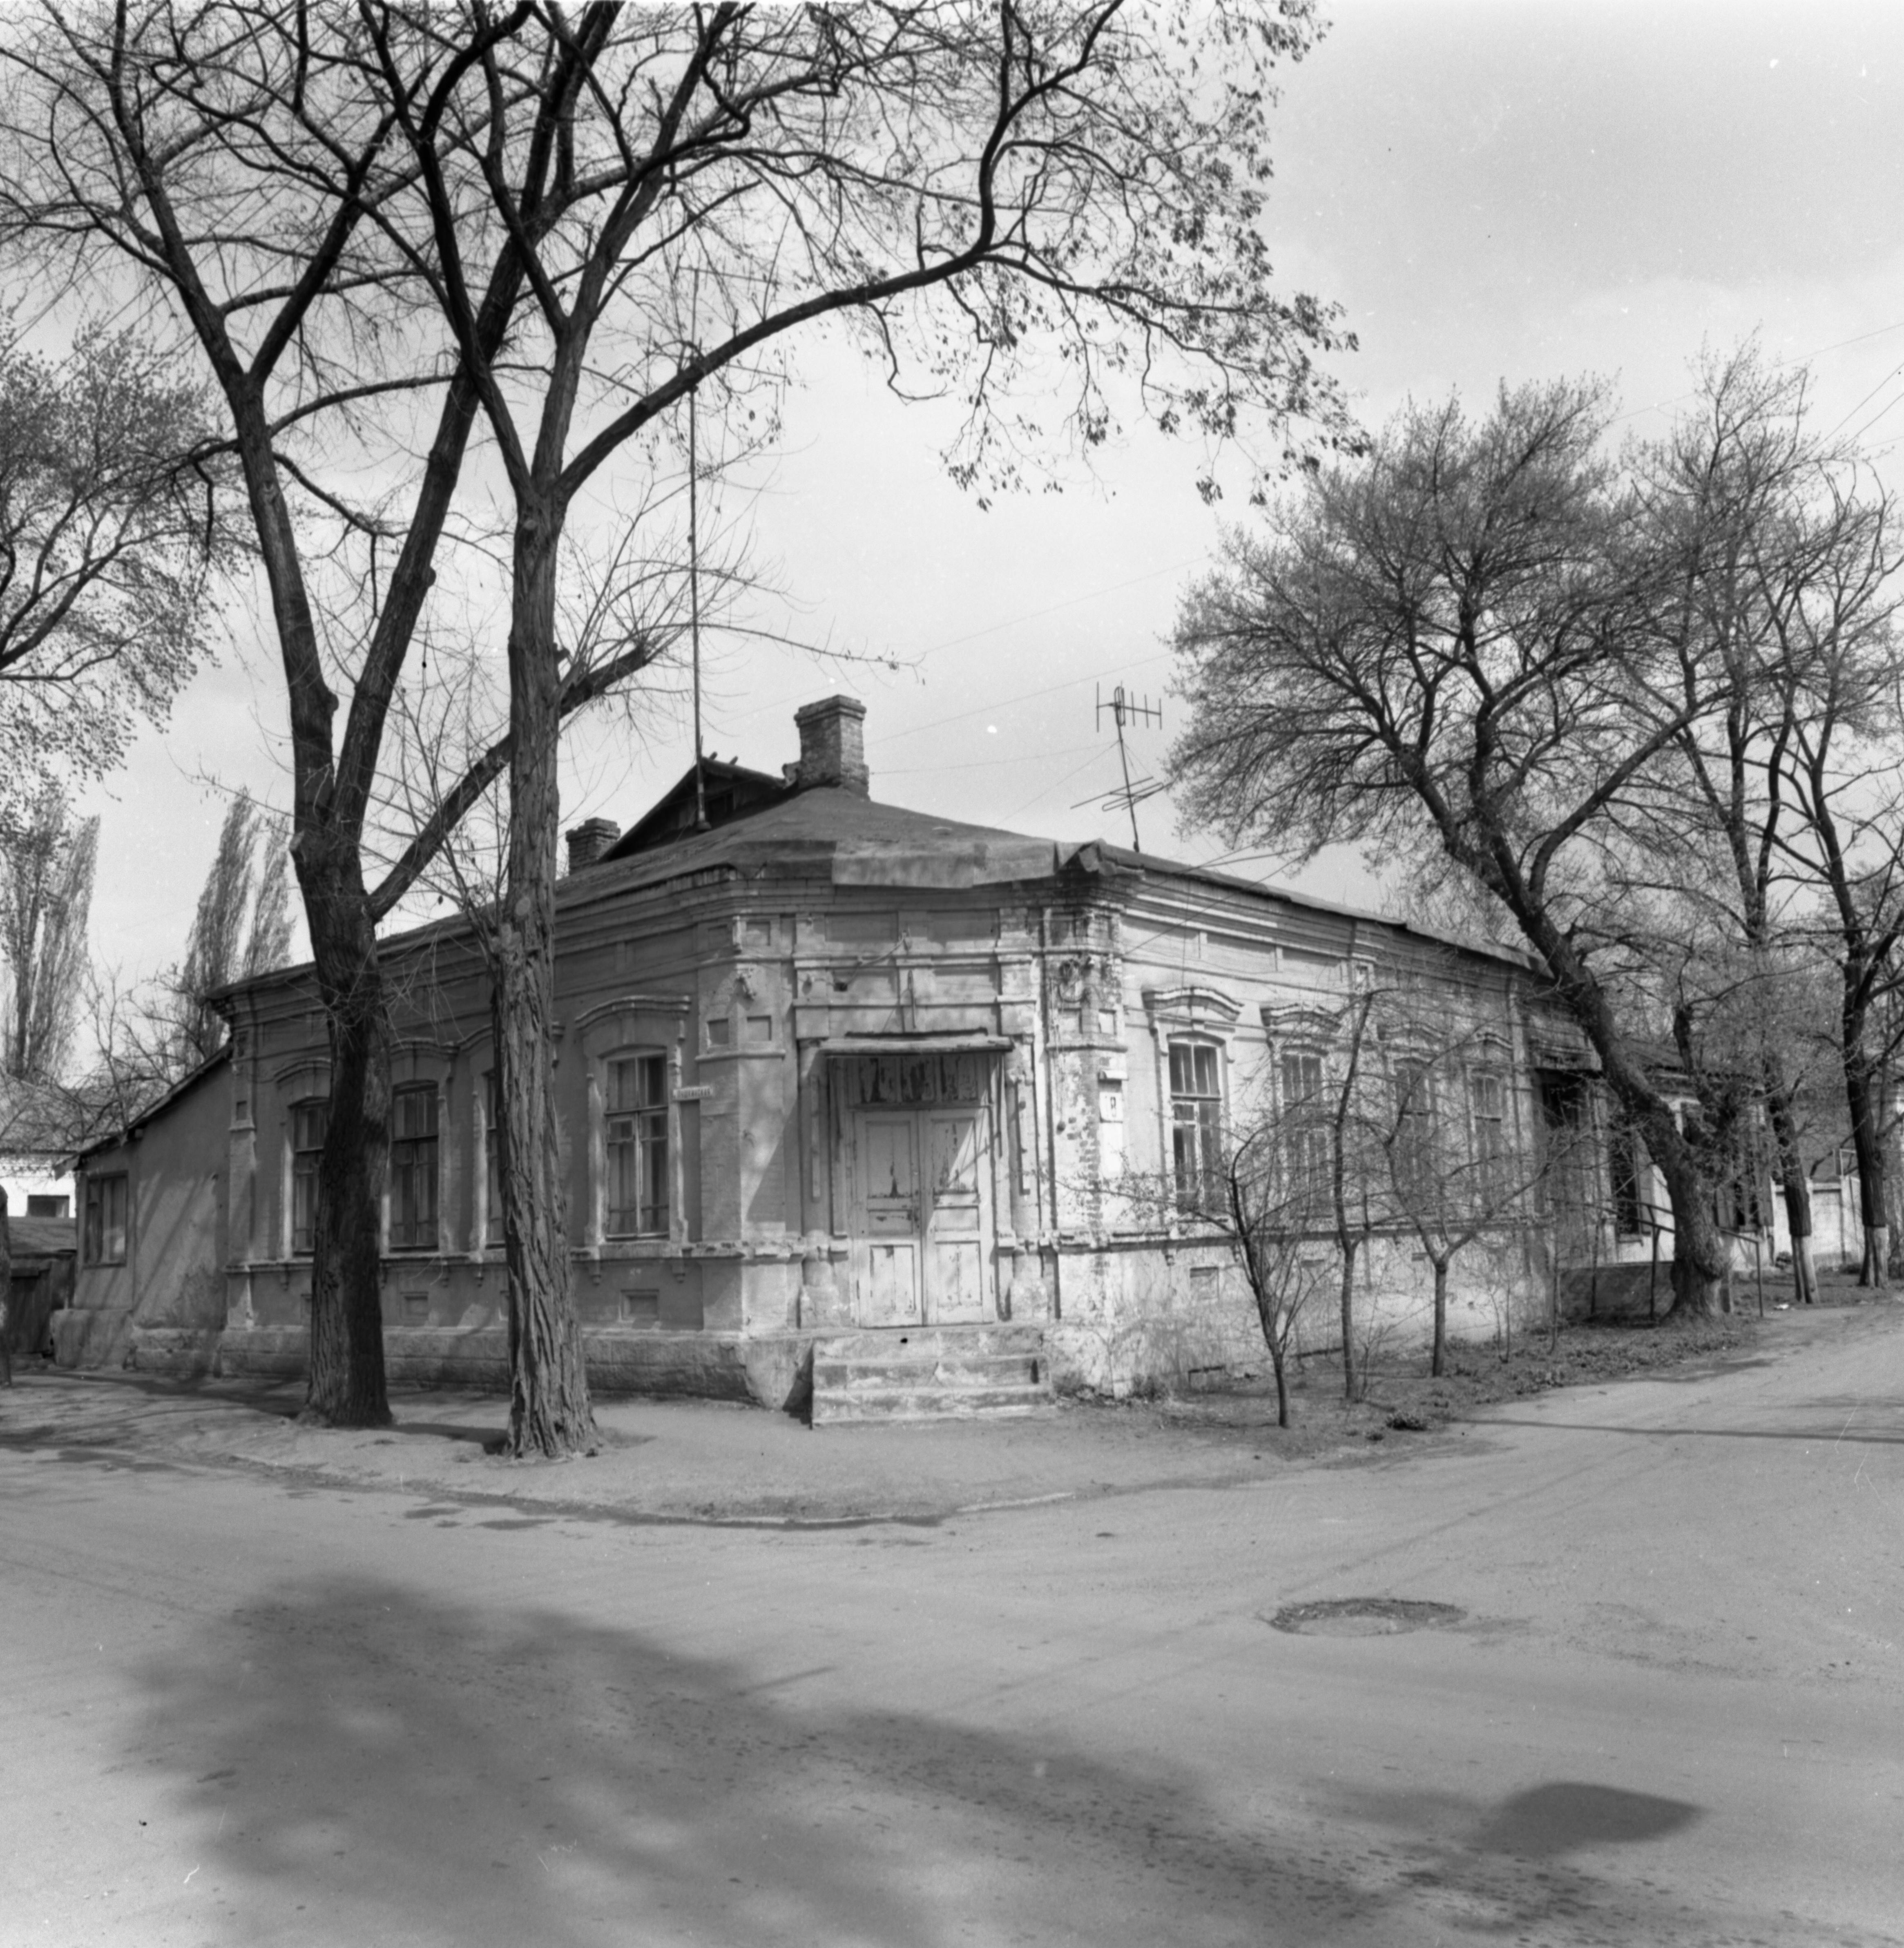 Колишні Нові плани. Будинок, збудований домовласником В. Манько у 1912 р., на розі Перекопської і Пушкінської. 1978 р.